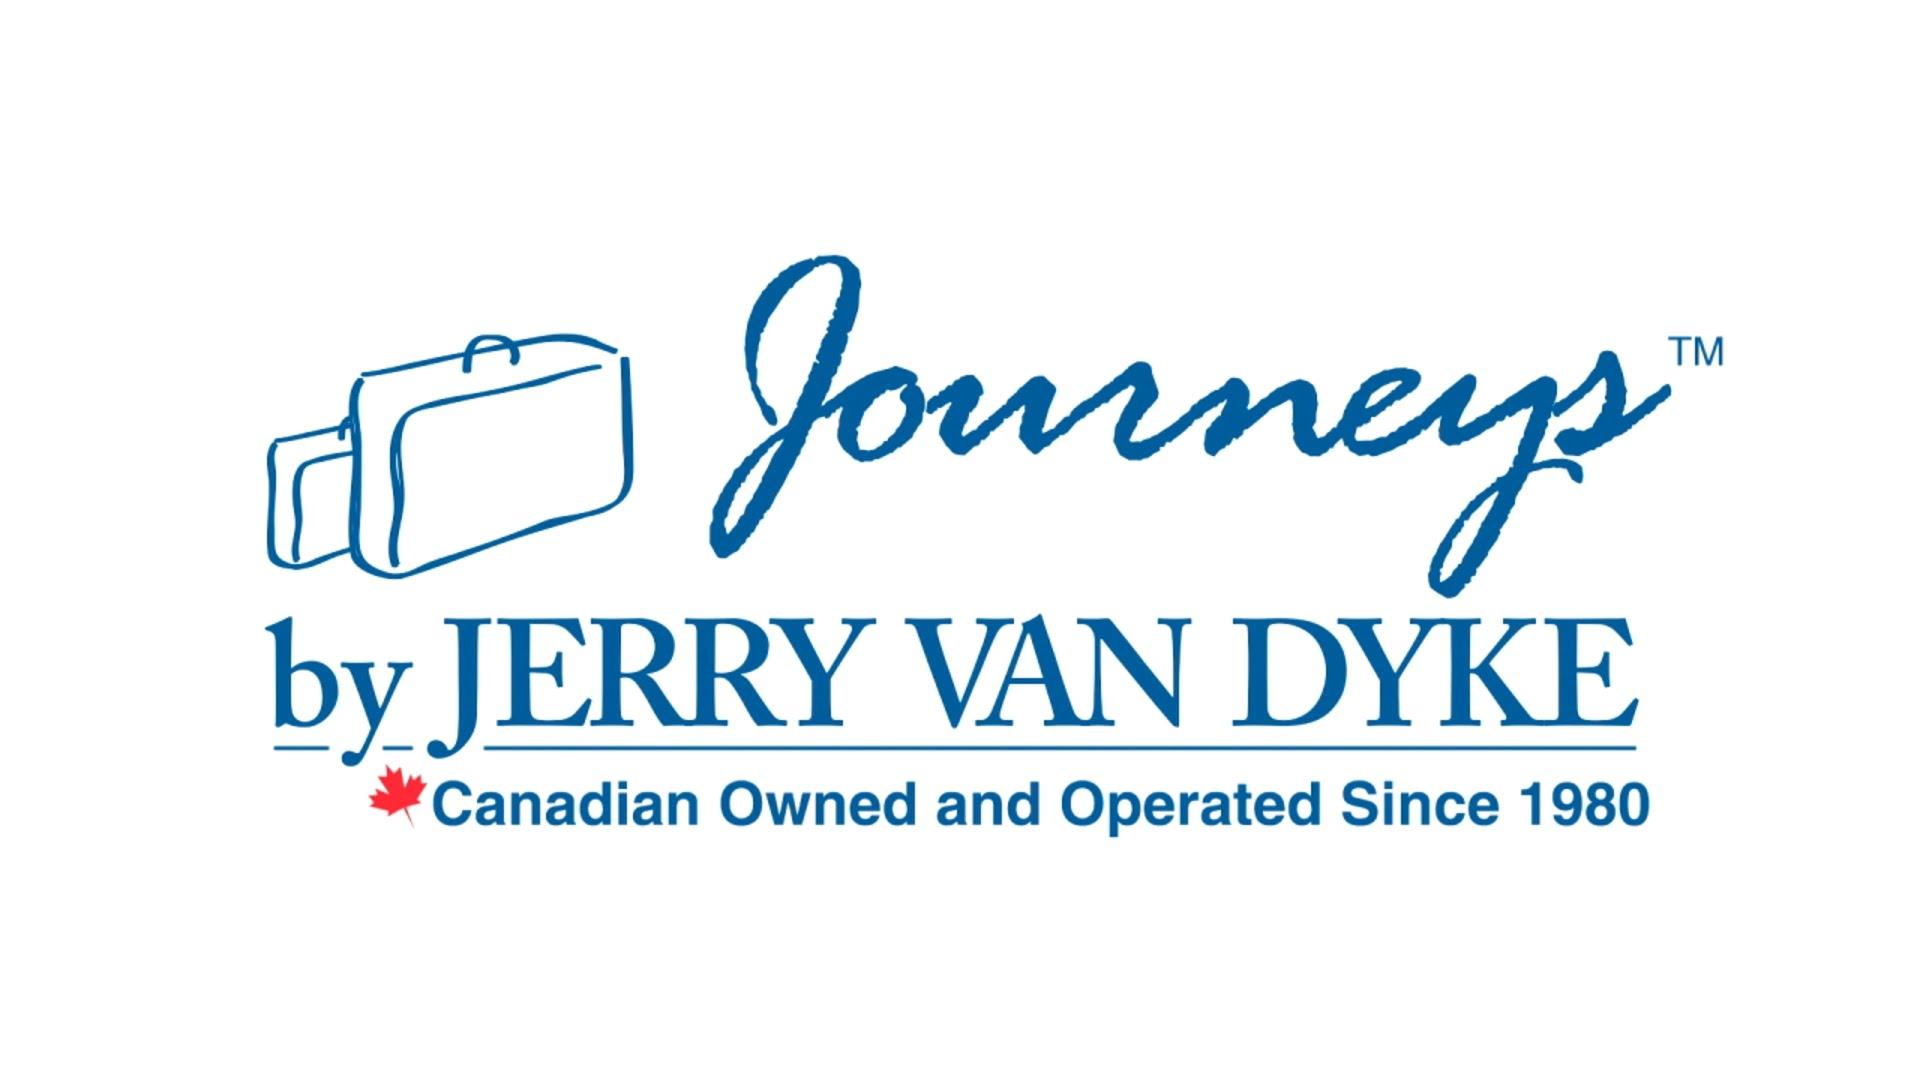 Jerry Van Dyke.jpg